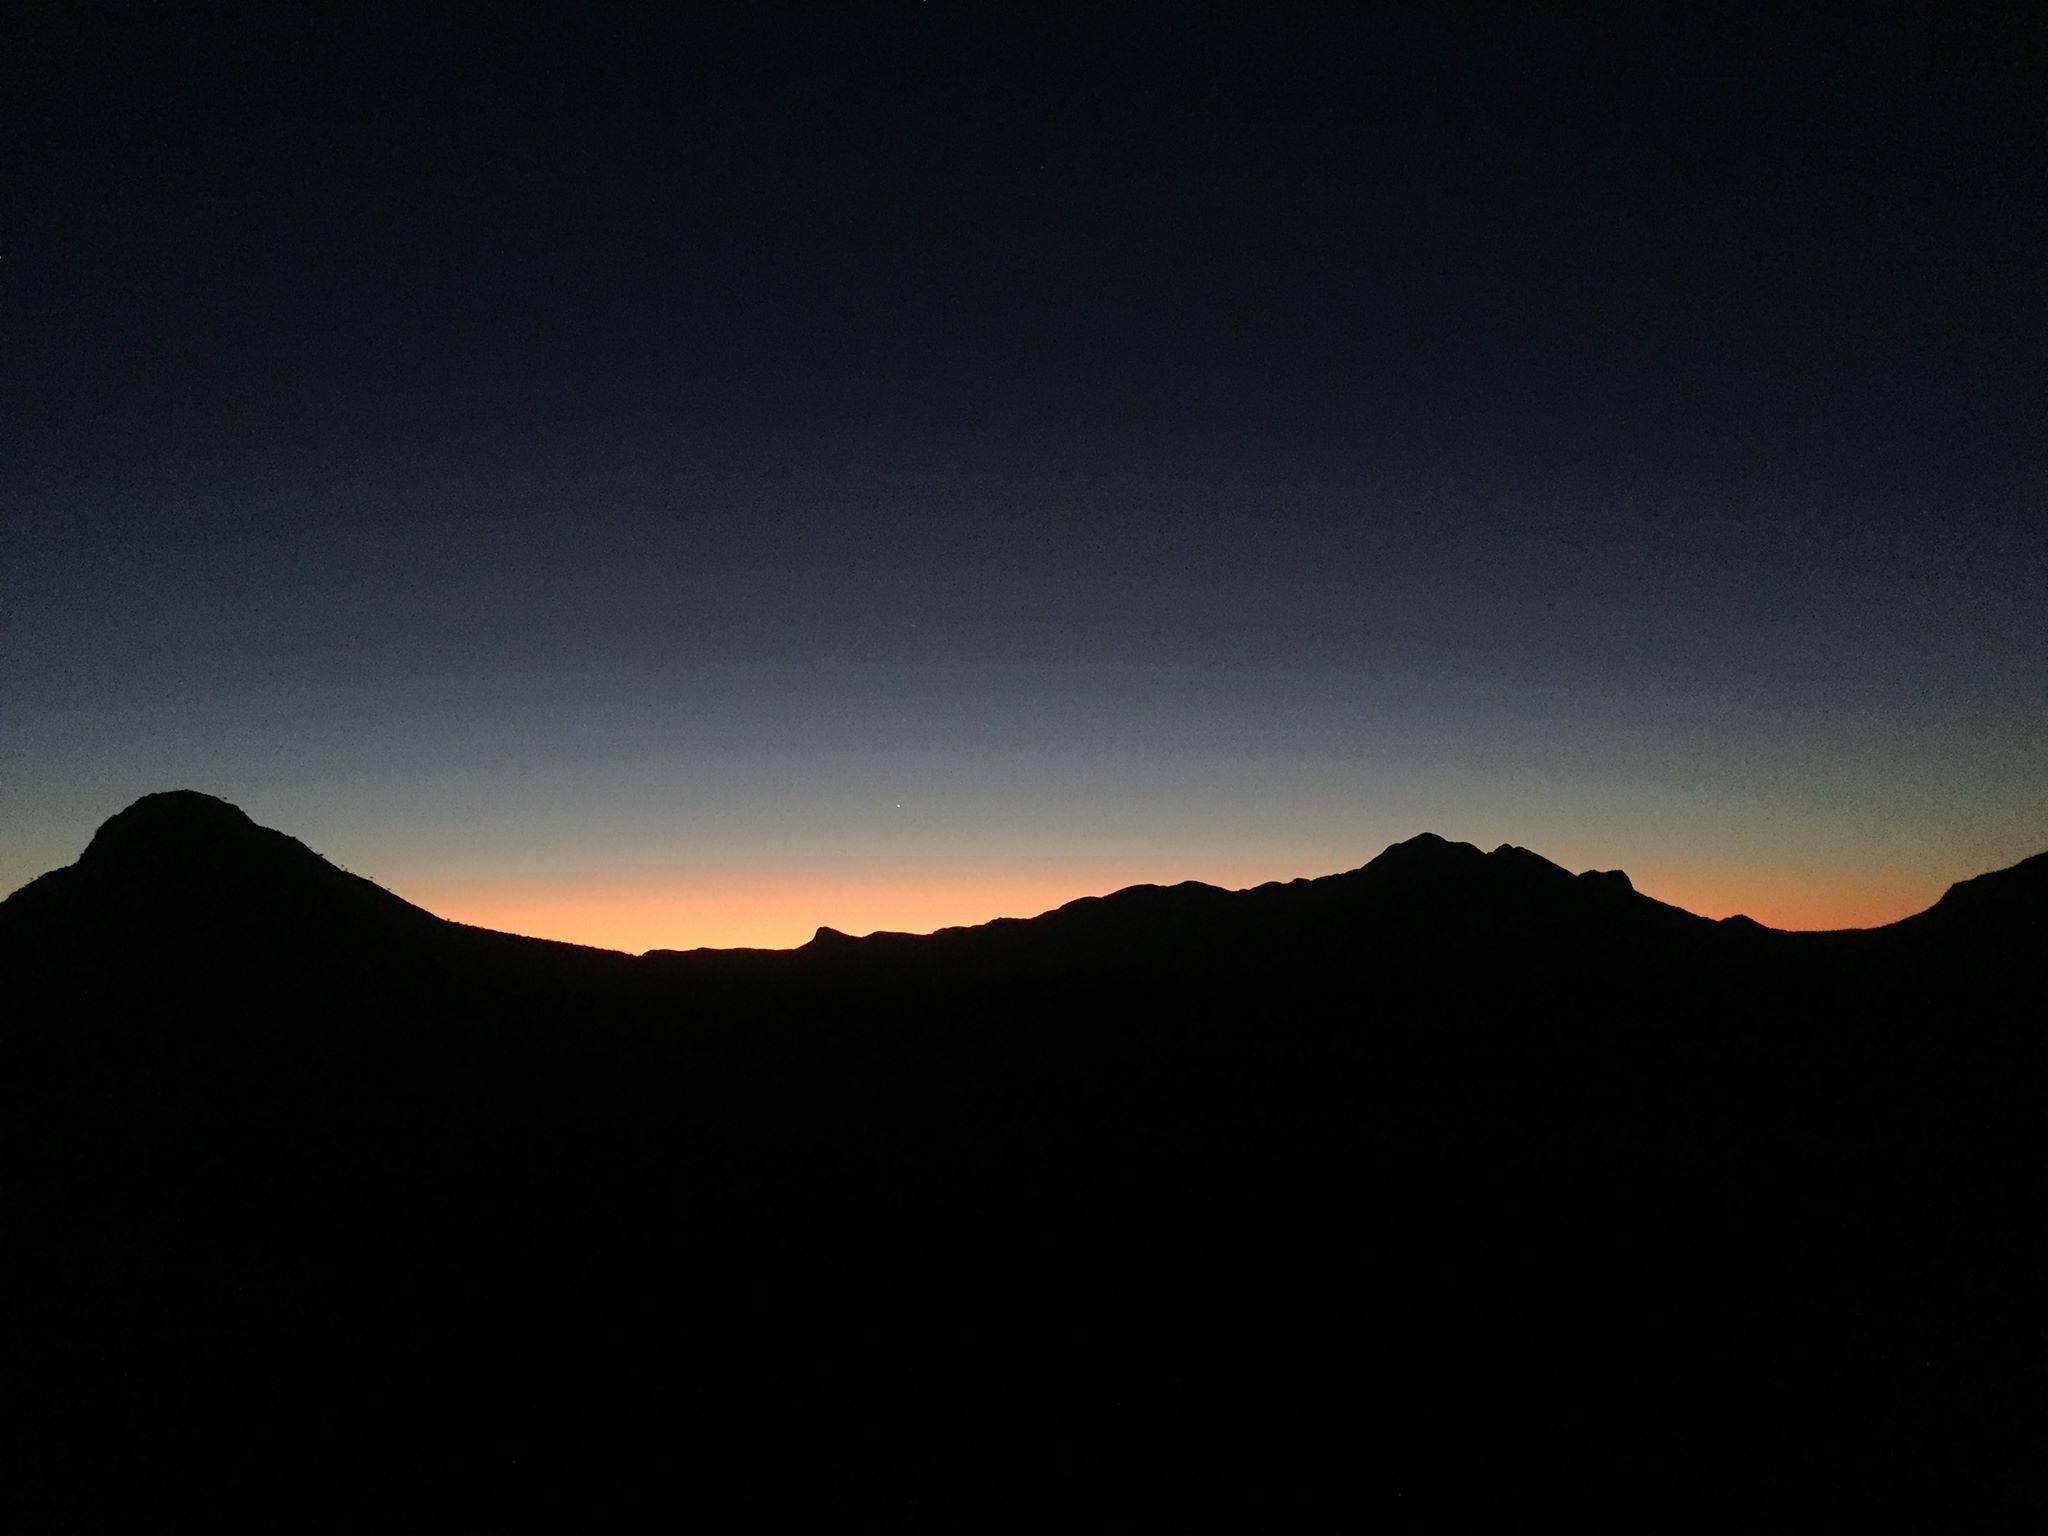 Le coucher de soleil du côté des monts de Haast Bluff, près d'Ikuntji. © Photo : Aboriginal Signature • Estrangin Gallery